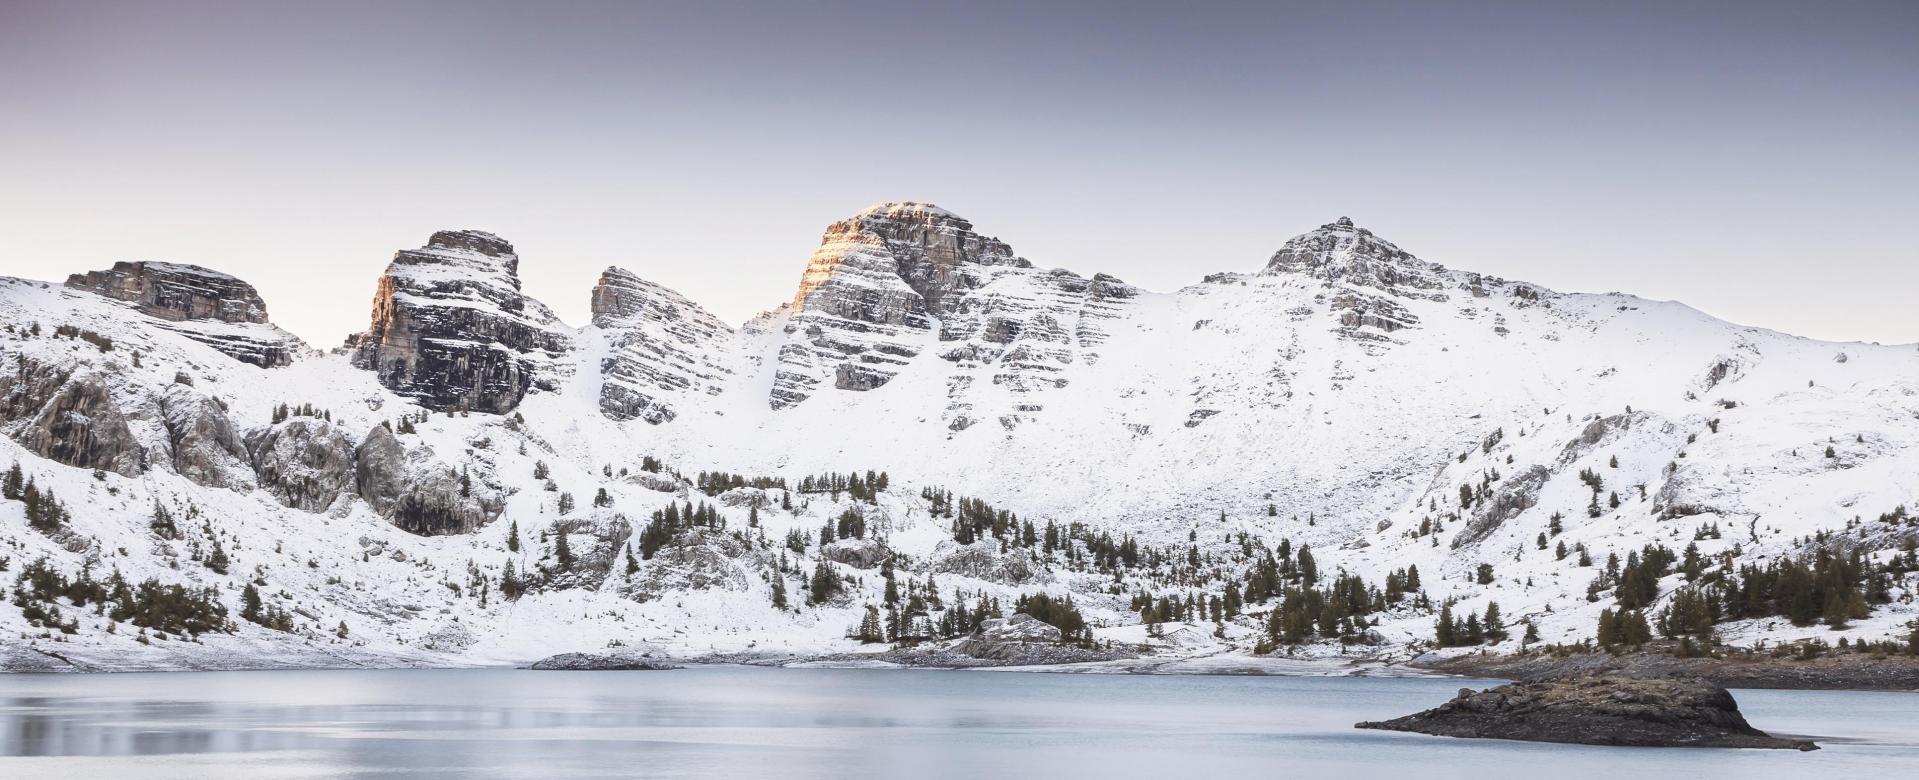 Voyage à la neige : Vallée des merveilles et mercantour